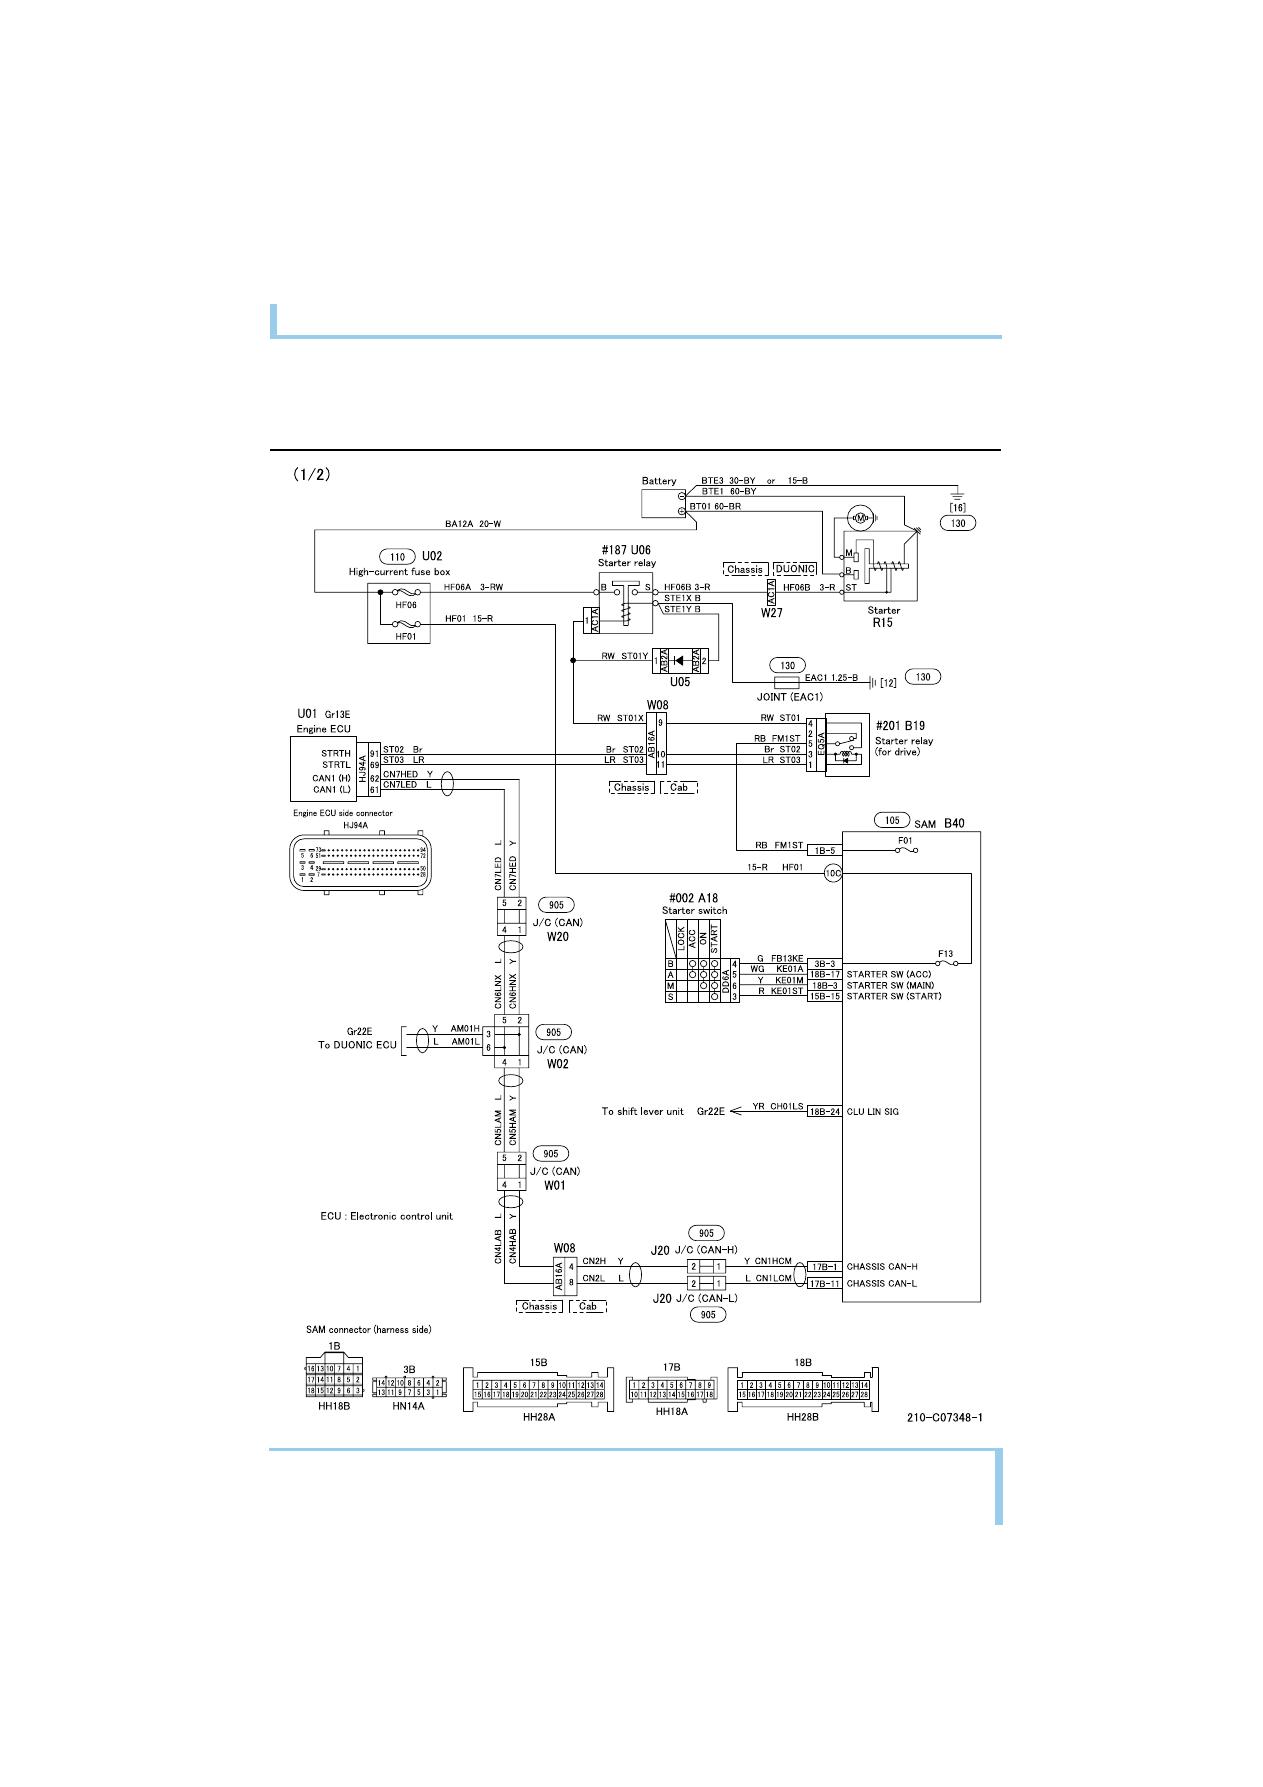 Erfreut R Modell Mack Schaltplan Bilder - Elektrische Schaltplan ...